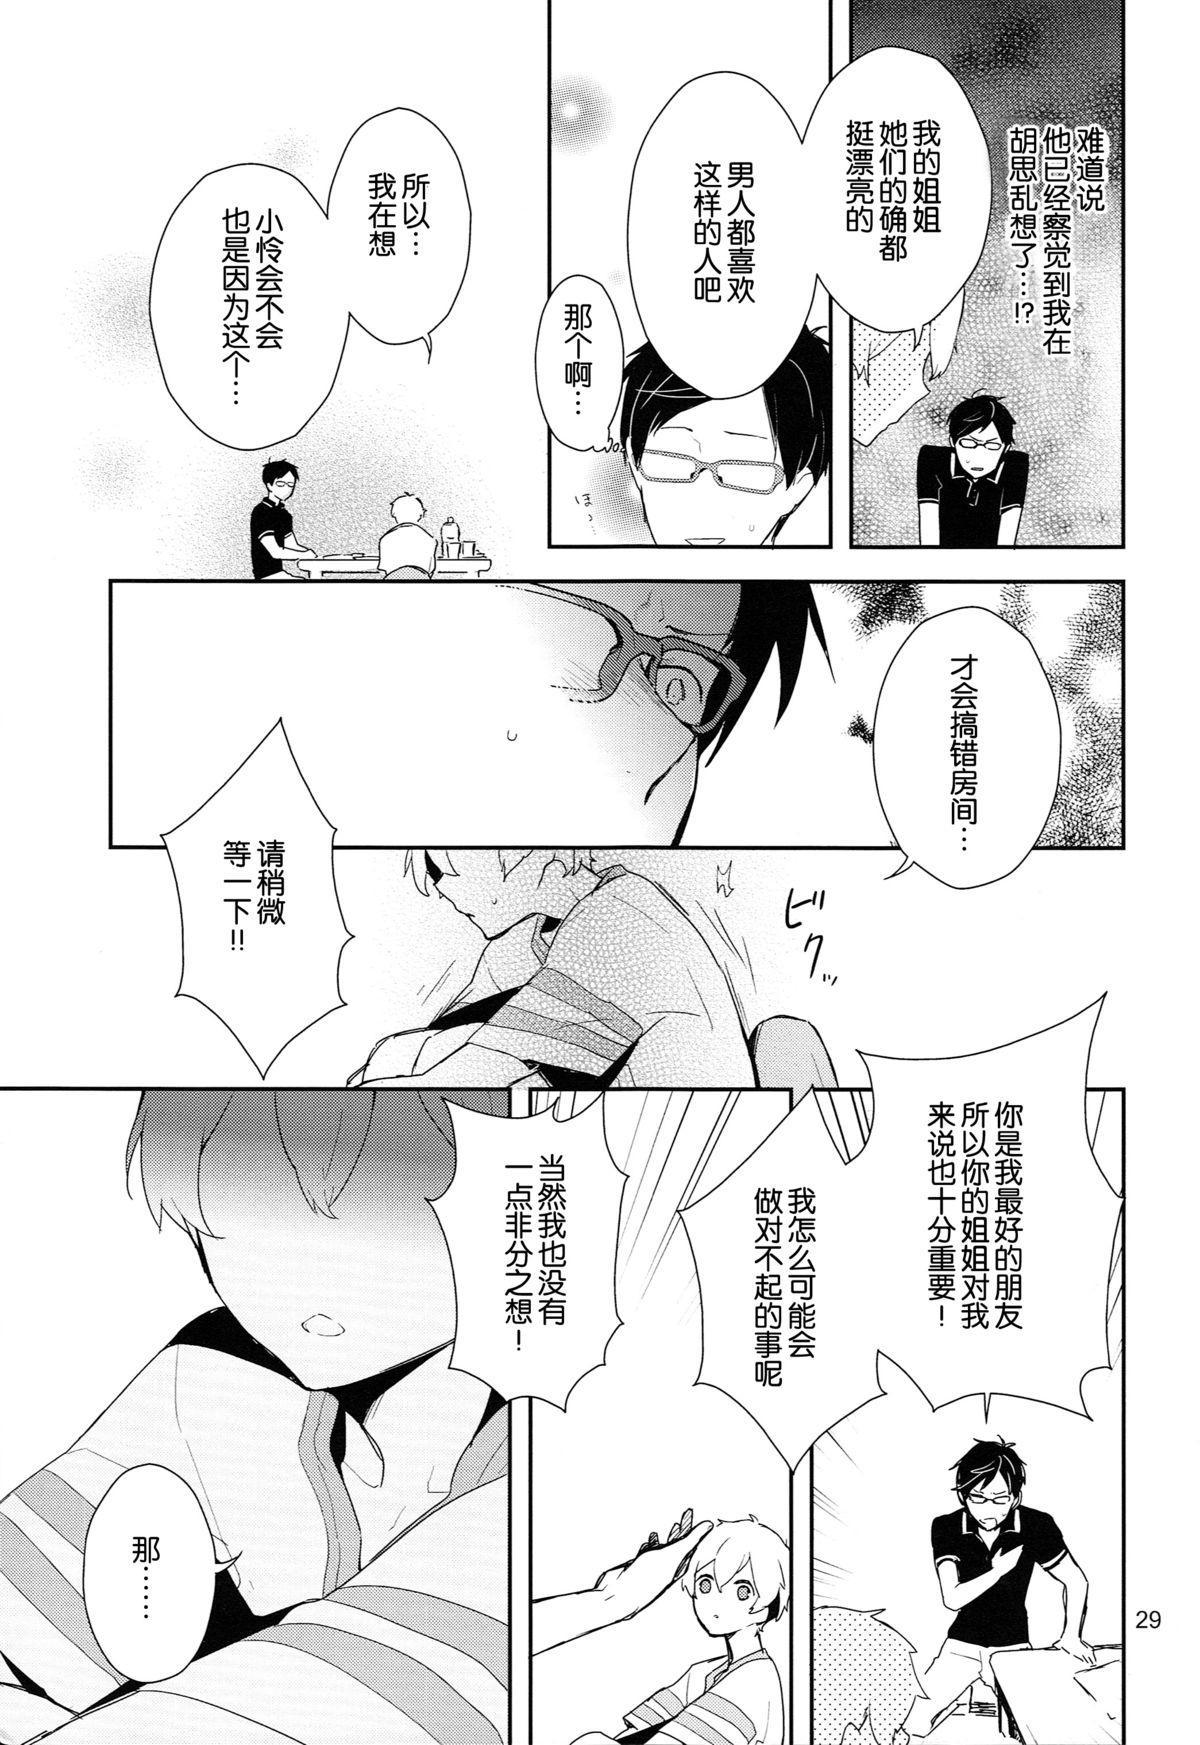 Ryuugazaki nanigashi wa seiyoku wo moteamashite iru. 26